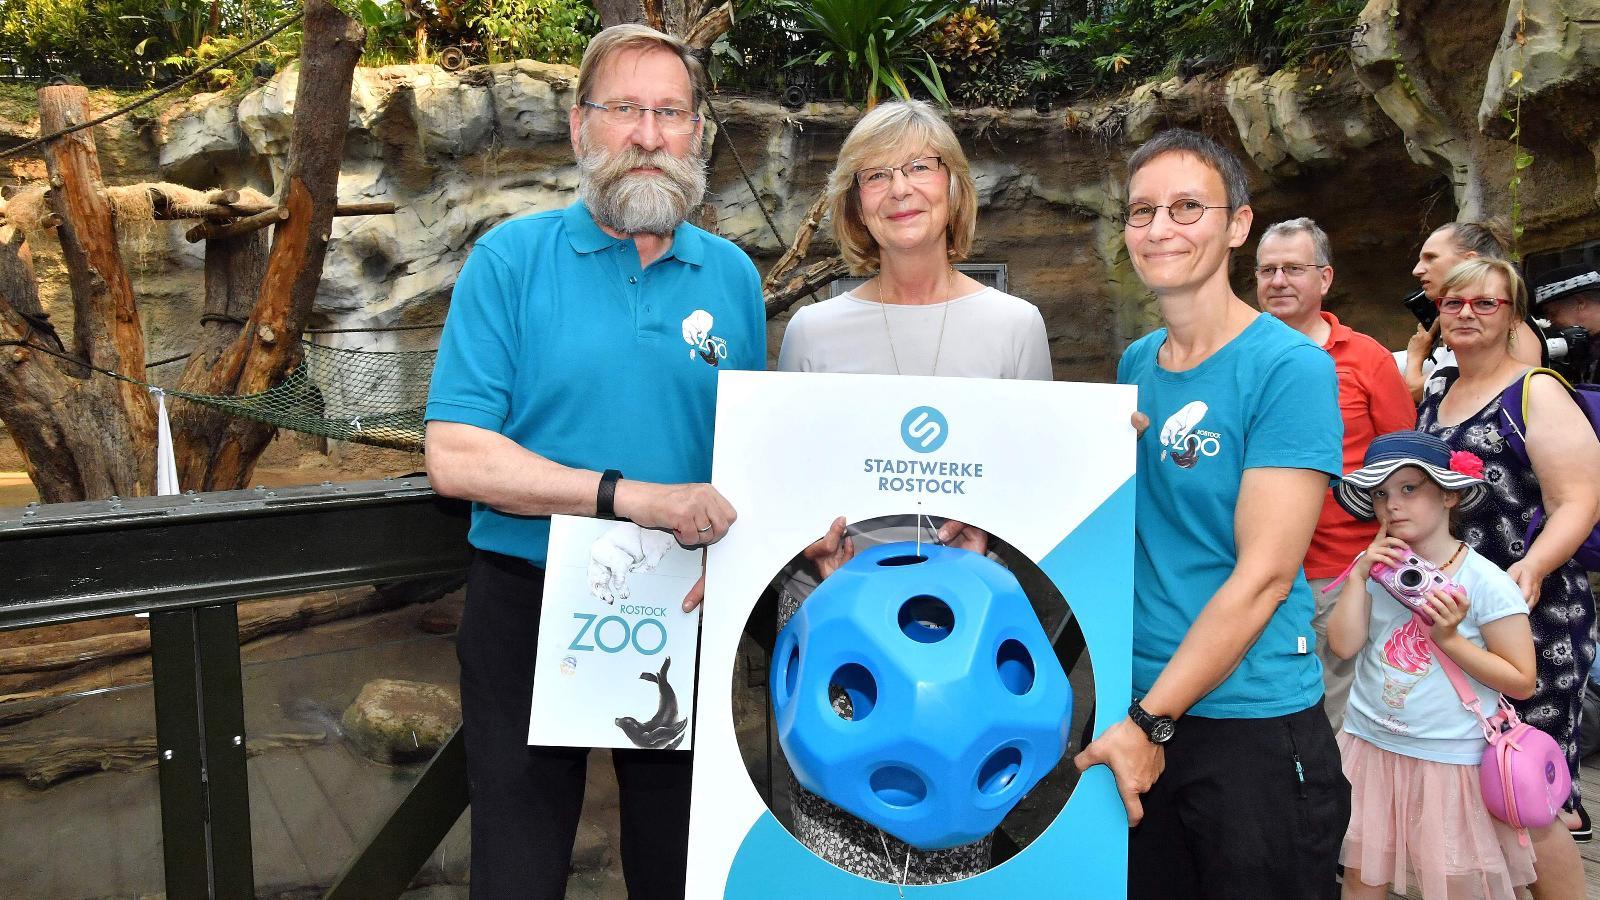 Zoodirektor Udo Nagel, Stadtwerke-Vorstand Ute Römer überreichten dem Silberrücken Assumbo ein Geburtstagsgeschenk mithilfe seiner Tierpflegerin. Foto: J. Kloock